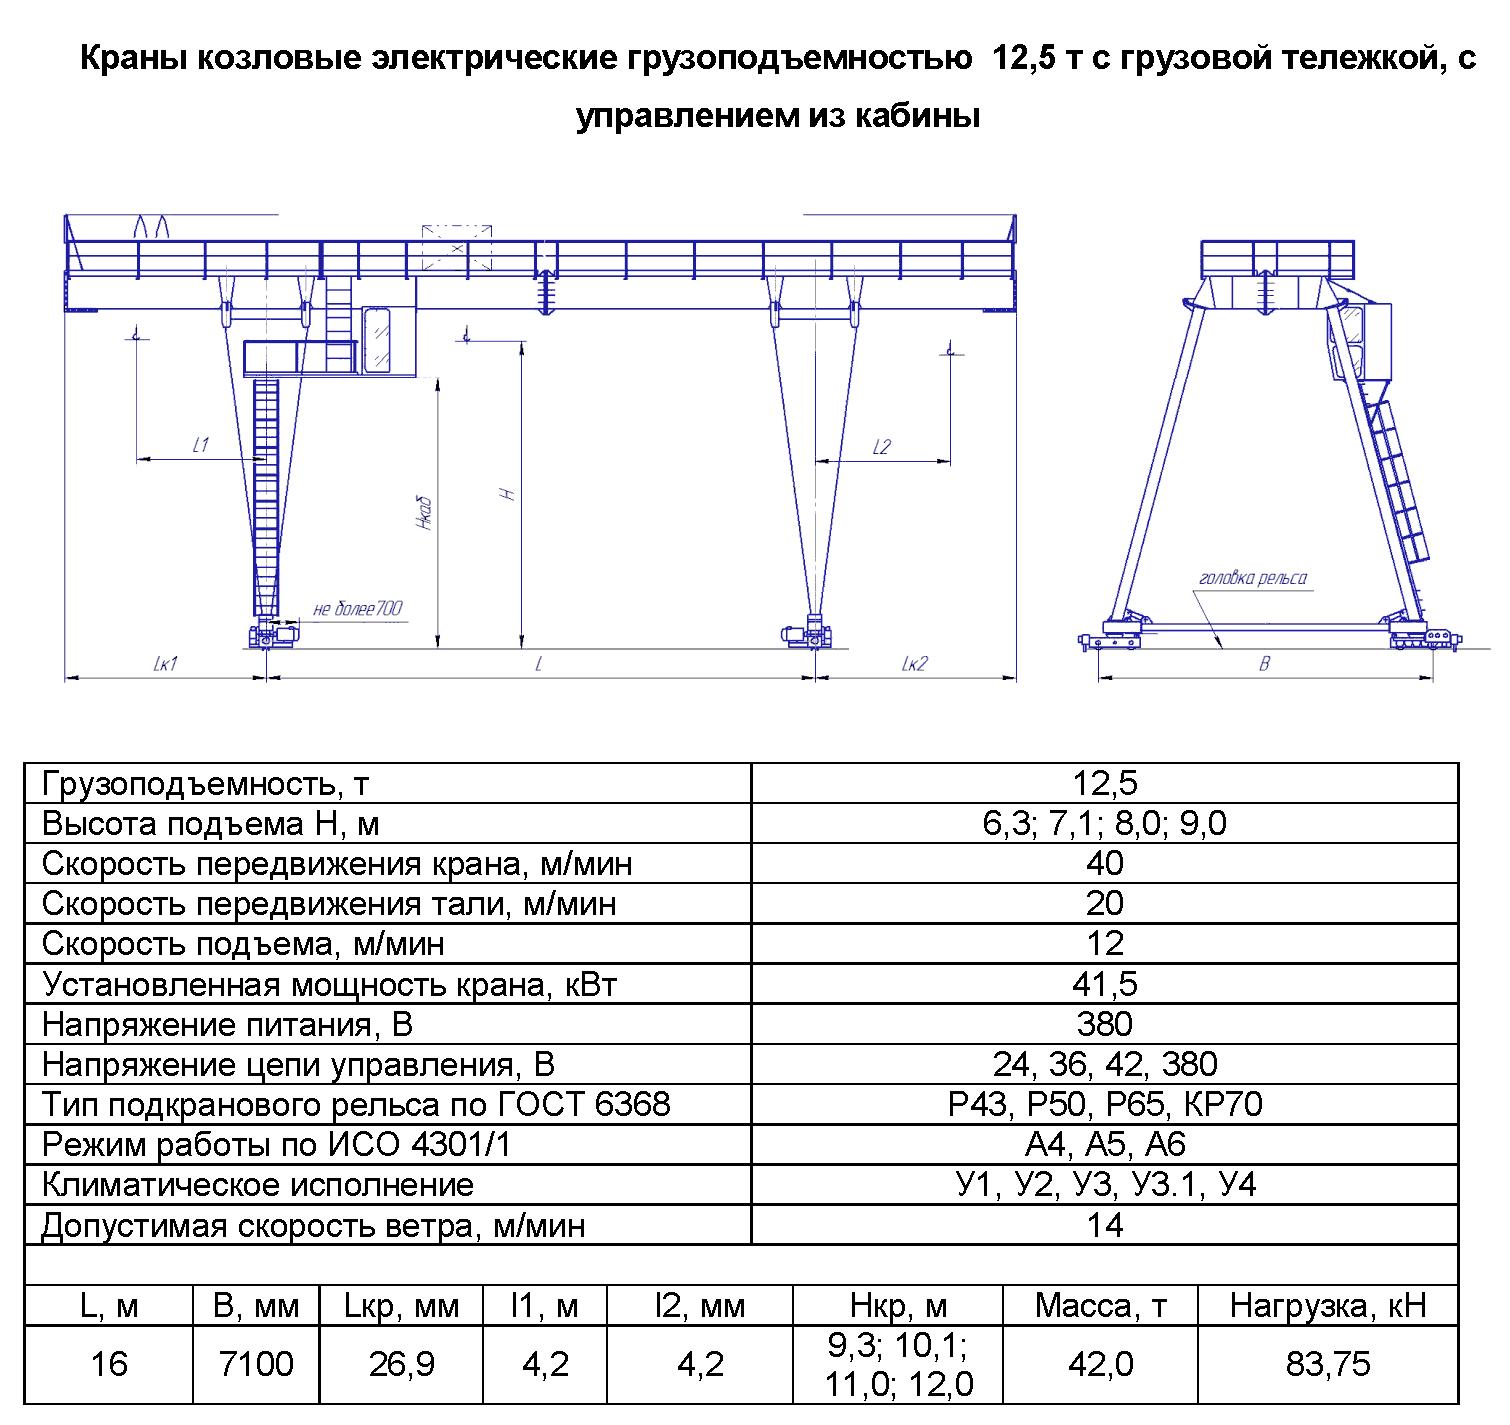 KKD 12 160 - Кран козловой электрический двухбалочный